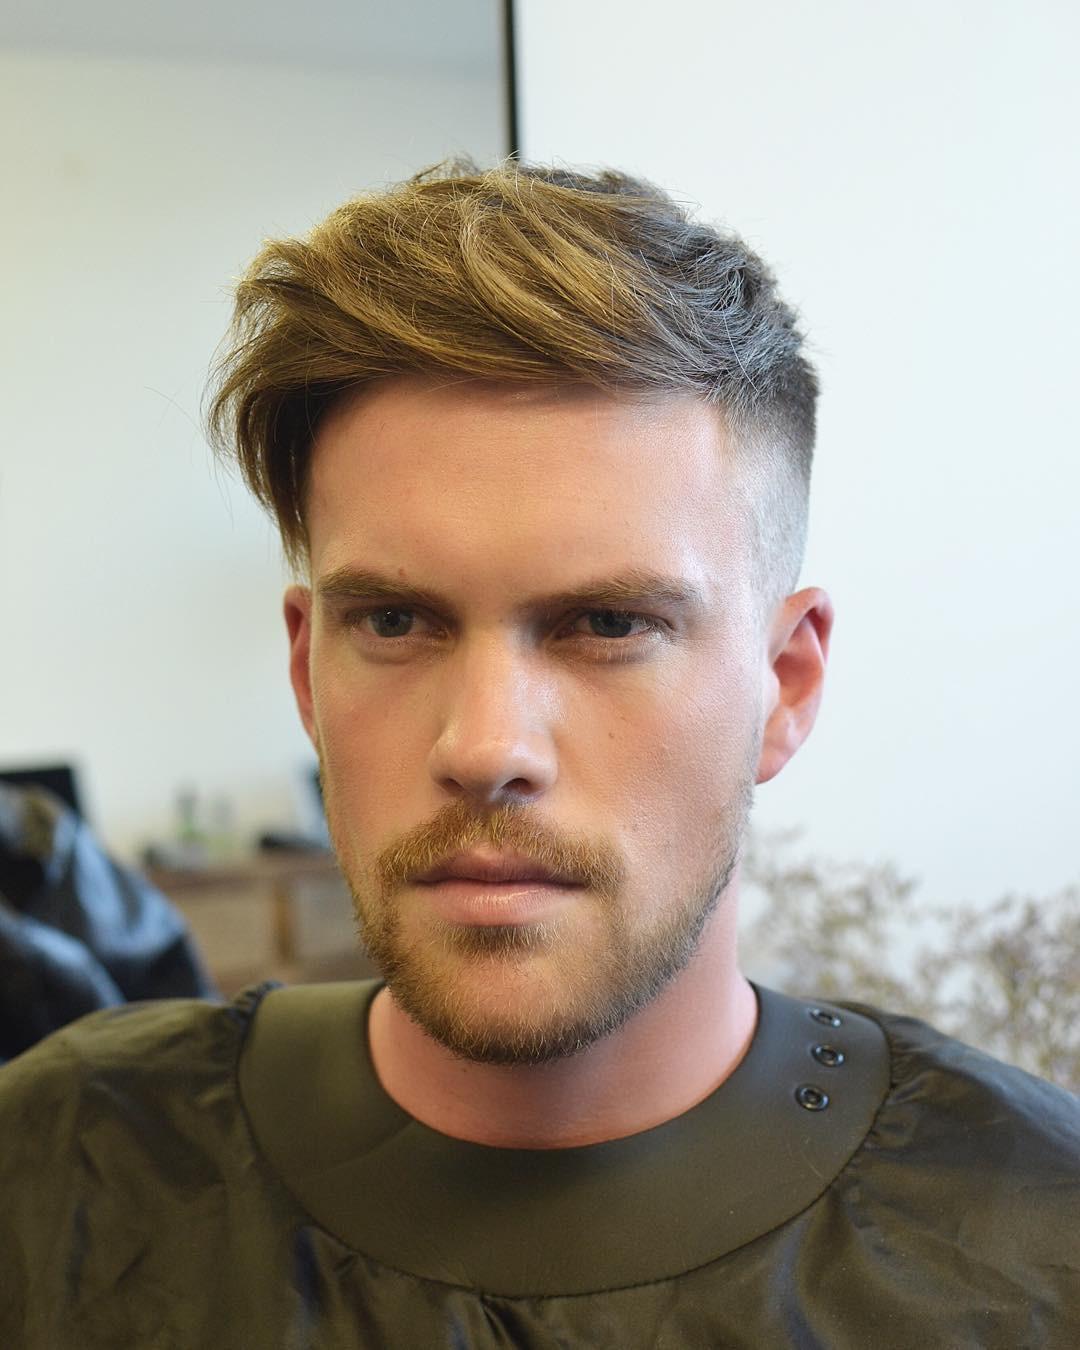 Men Hairstyle Undercut  80 Best Undercut Hairstyles for Men [2018 Styling Ideas]